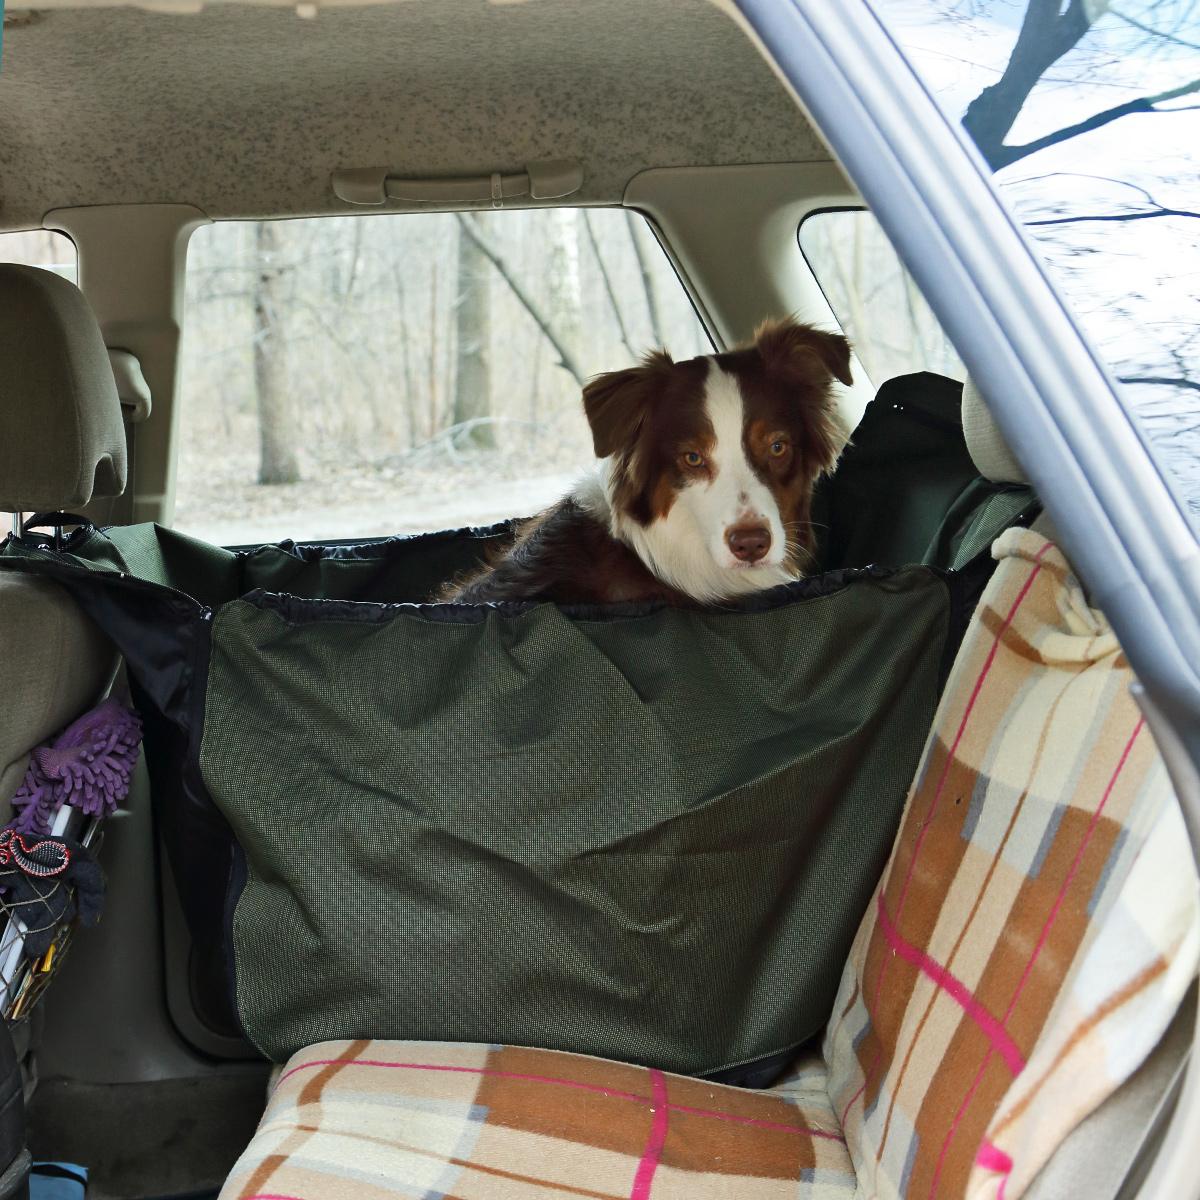 Автогамак для собак OSSO Fashion Car Premium, 135 x 50 см0120710Автогамак OSSO Fashion Car Premium представляет собой функциональное приспособление для перевозки собак в салоне машины. Этот автогамак идеально подойдет для транспортировки питомца на заднем сиденье, защитит его от царапин и грязи. Незаменим при транспортировке животного после прогулок на природе, поездки в ветклинику, на выставку, охоту, рыбалку и дачу, не опасаясь испачкать или поцарапать сидения и обивку дверей. Изготовлен из прочной, дублированной, водостойкой и морозоустойчивой ткани на подкладке. Конструкция гамака предохраняет питомца от соскальзывания и передвижения по салону во время движения и резкого торможения. Чистка такого гамака не составляет никакого труда: просто стряхните засохшую грязь и песок щеткой, а затем протрите поверхность влажной губкой или тряпкой.Изделие крепится к подголовникам переднего и заднего сидений с помощью молний с замками автомат. Стелется по спинке заднего сидения, по заднему сидению и идет вверх к переднему подголовнику.